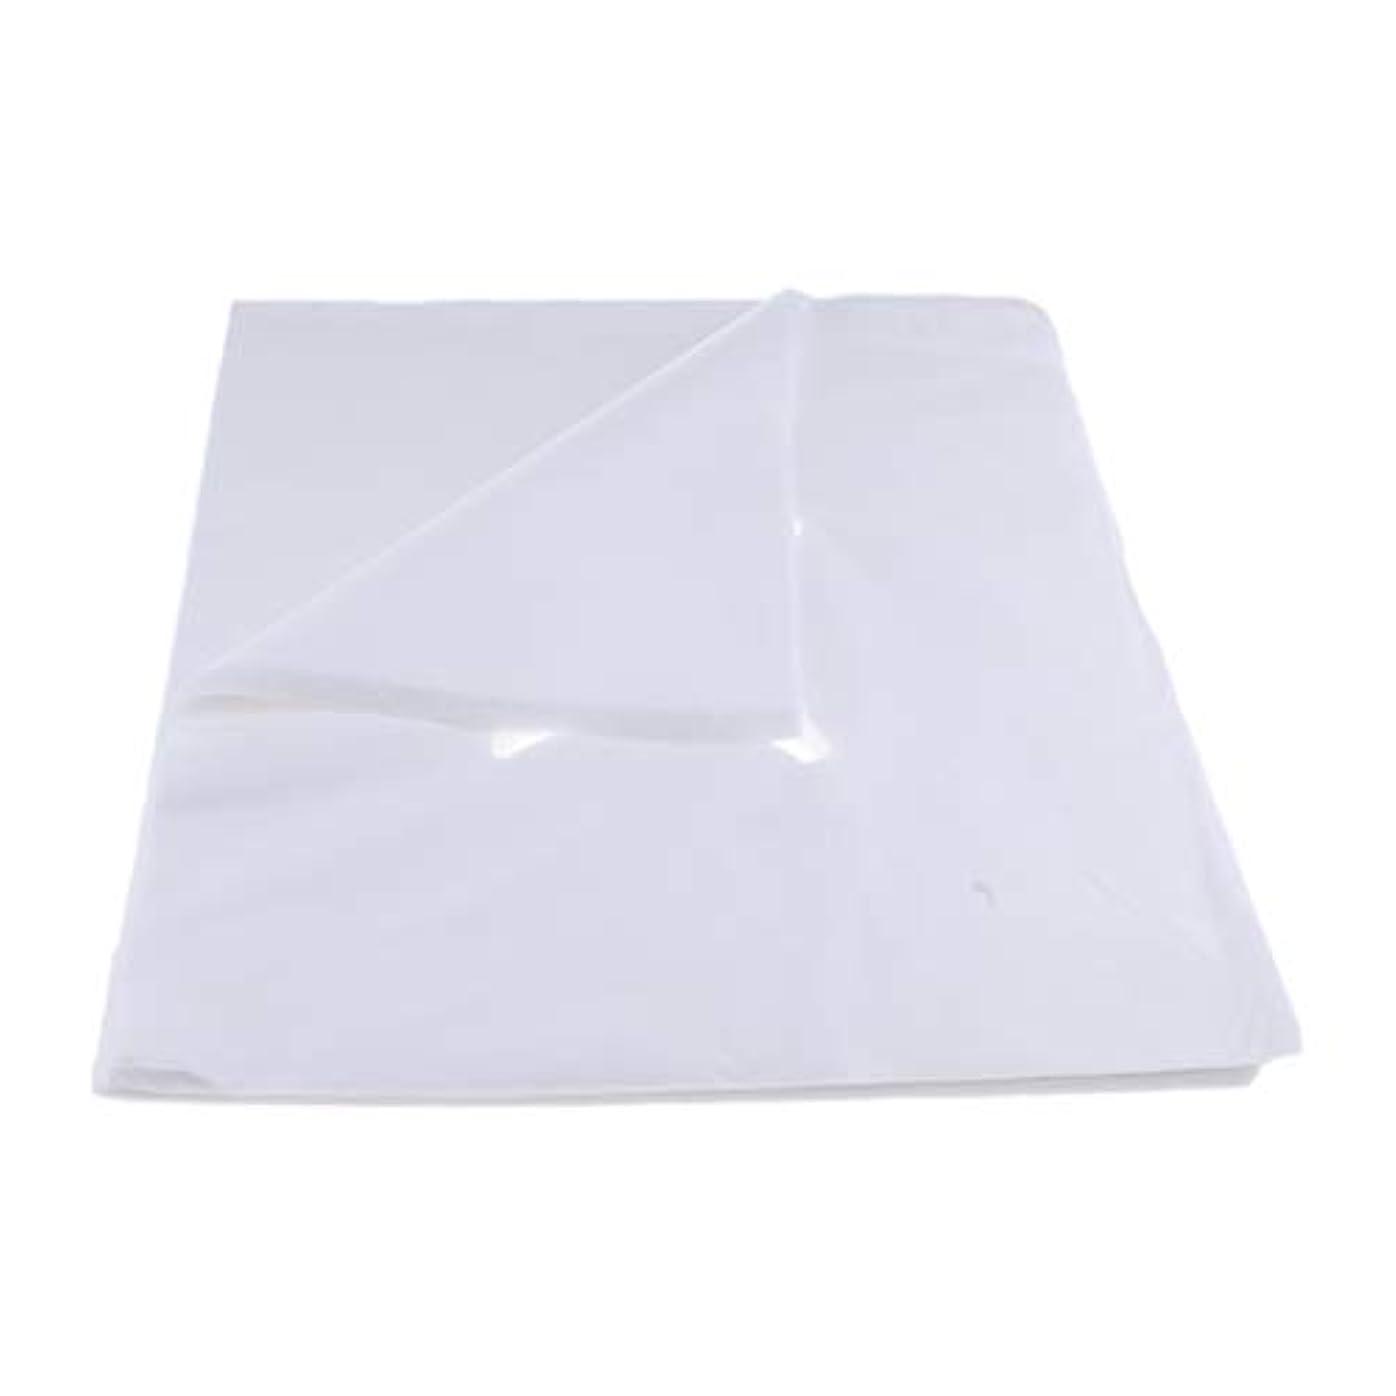 最愛のことわざ先行するchiwanji 200ピース不織布使い捨てマッサージベッドフェイスクレードルクッションシートカバー - L